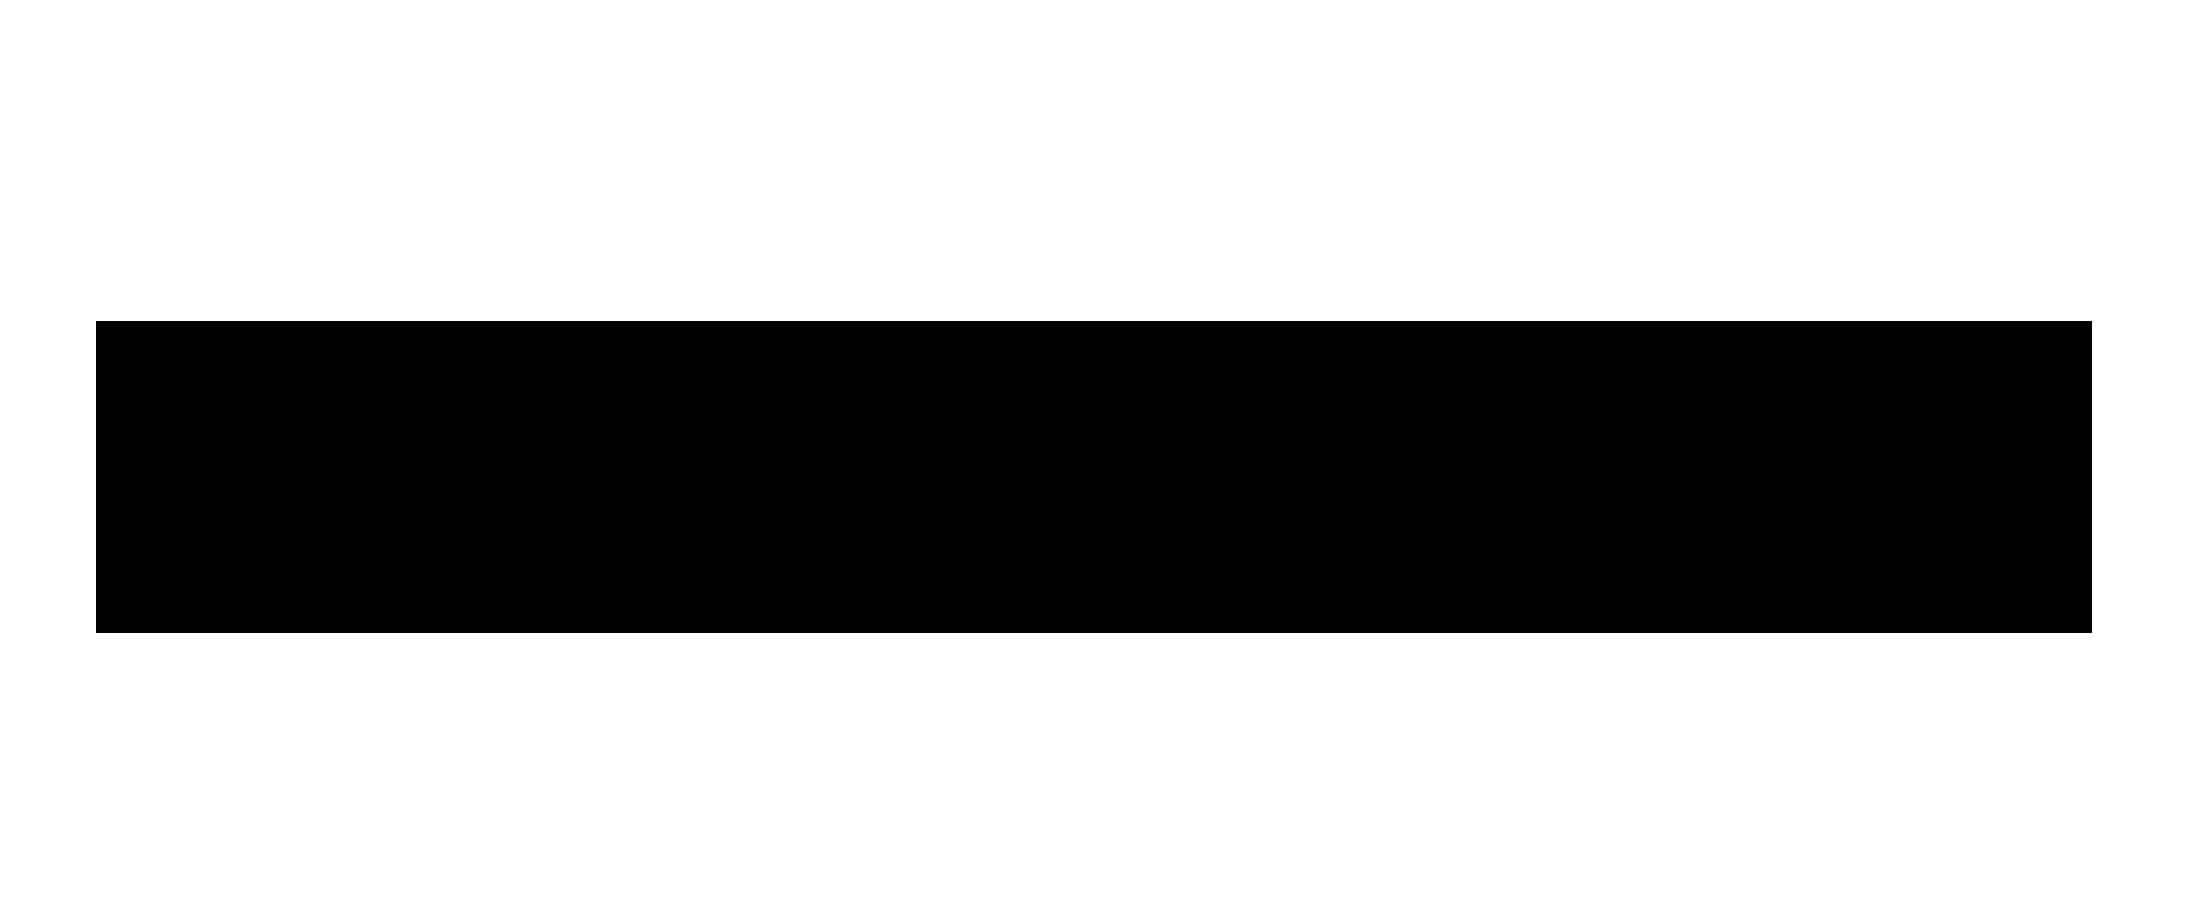 gucci-logo-png-transparent.png